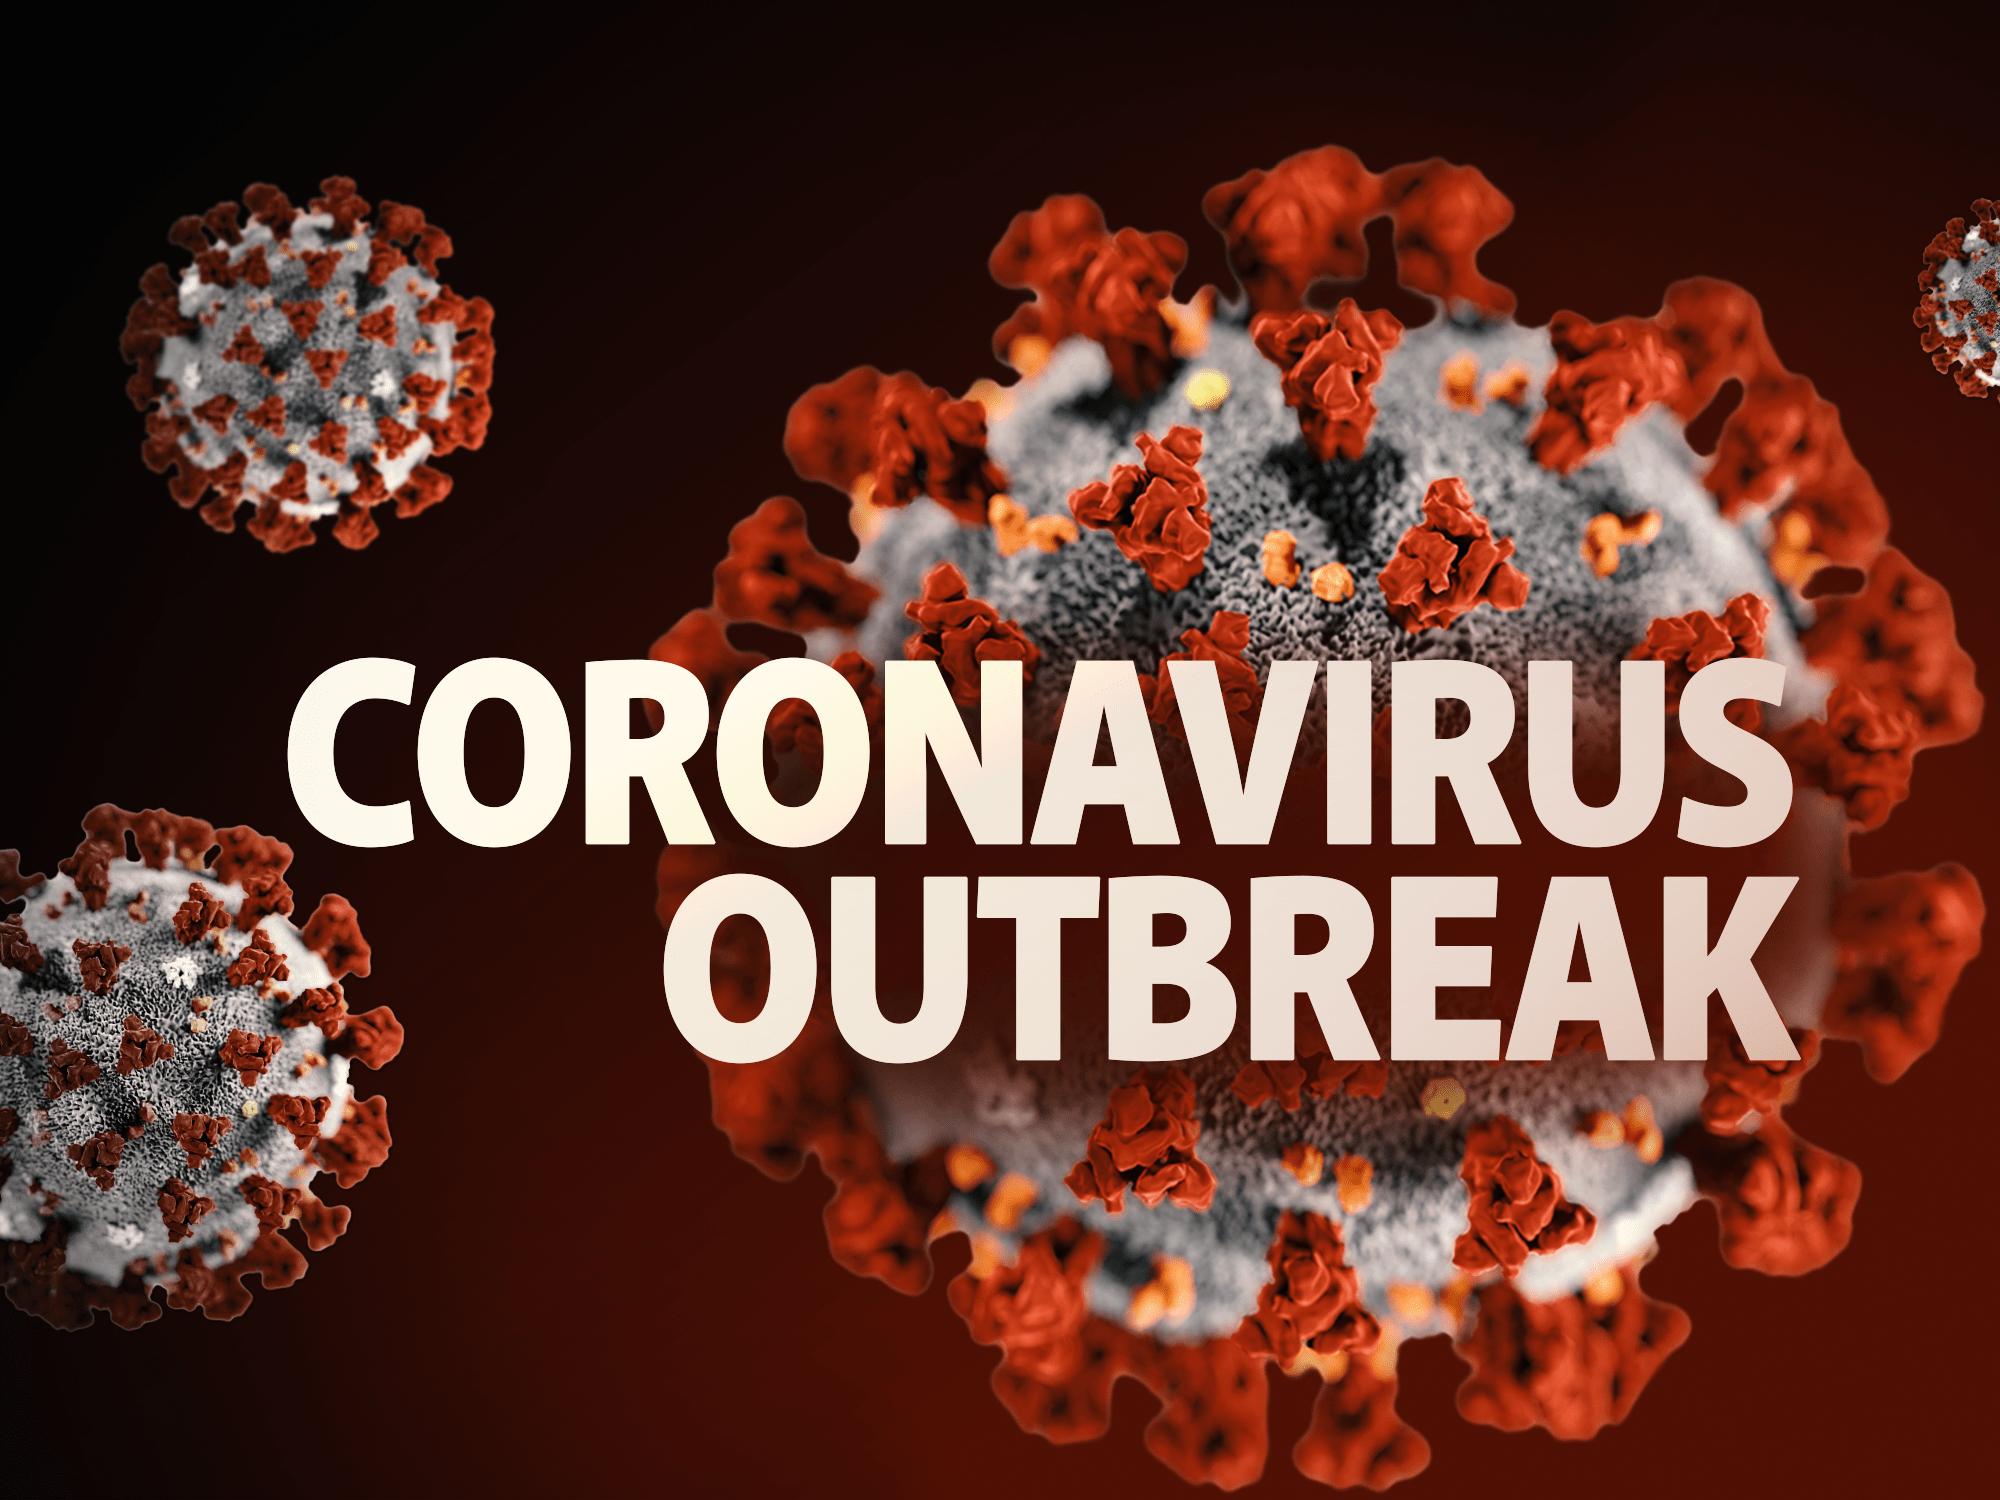 Coronavirus 1 2 1